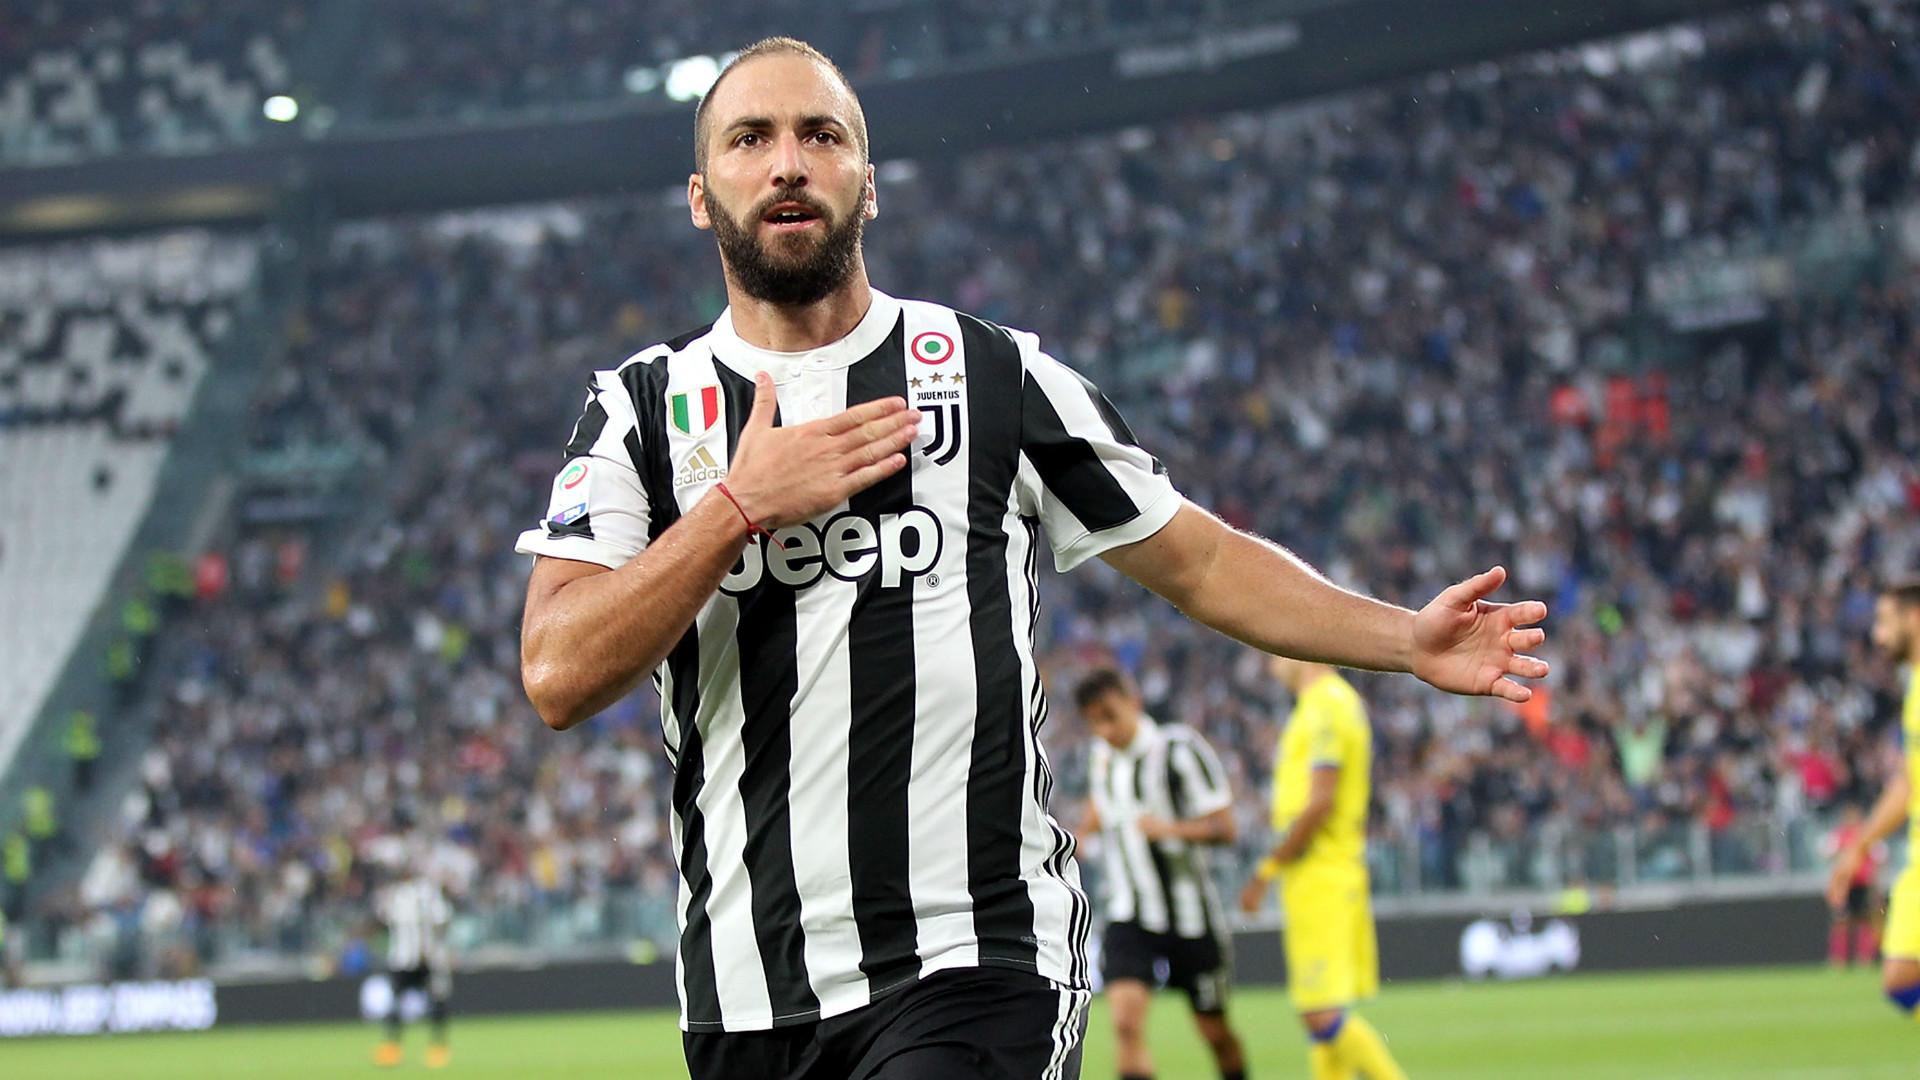 Napoli-Juventus 0-1: Higuain riporta i bianconeri -1 dalla vetta